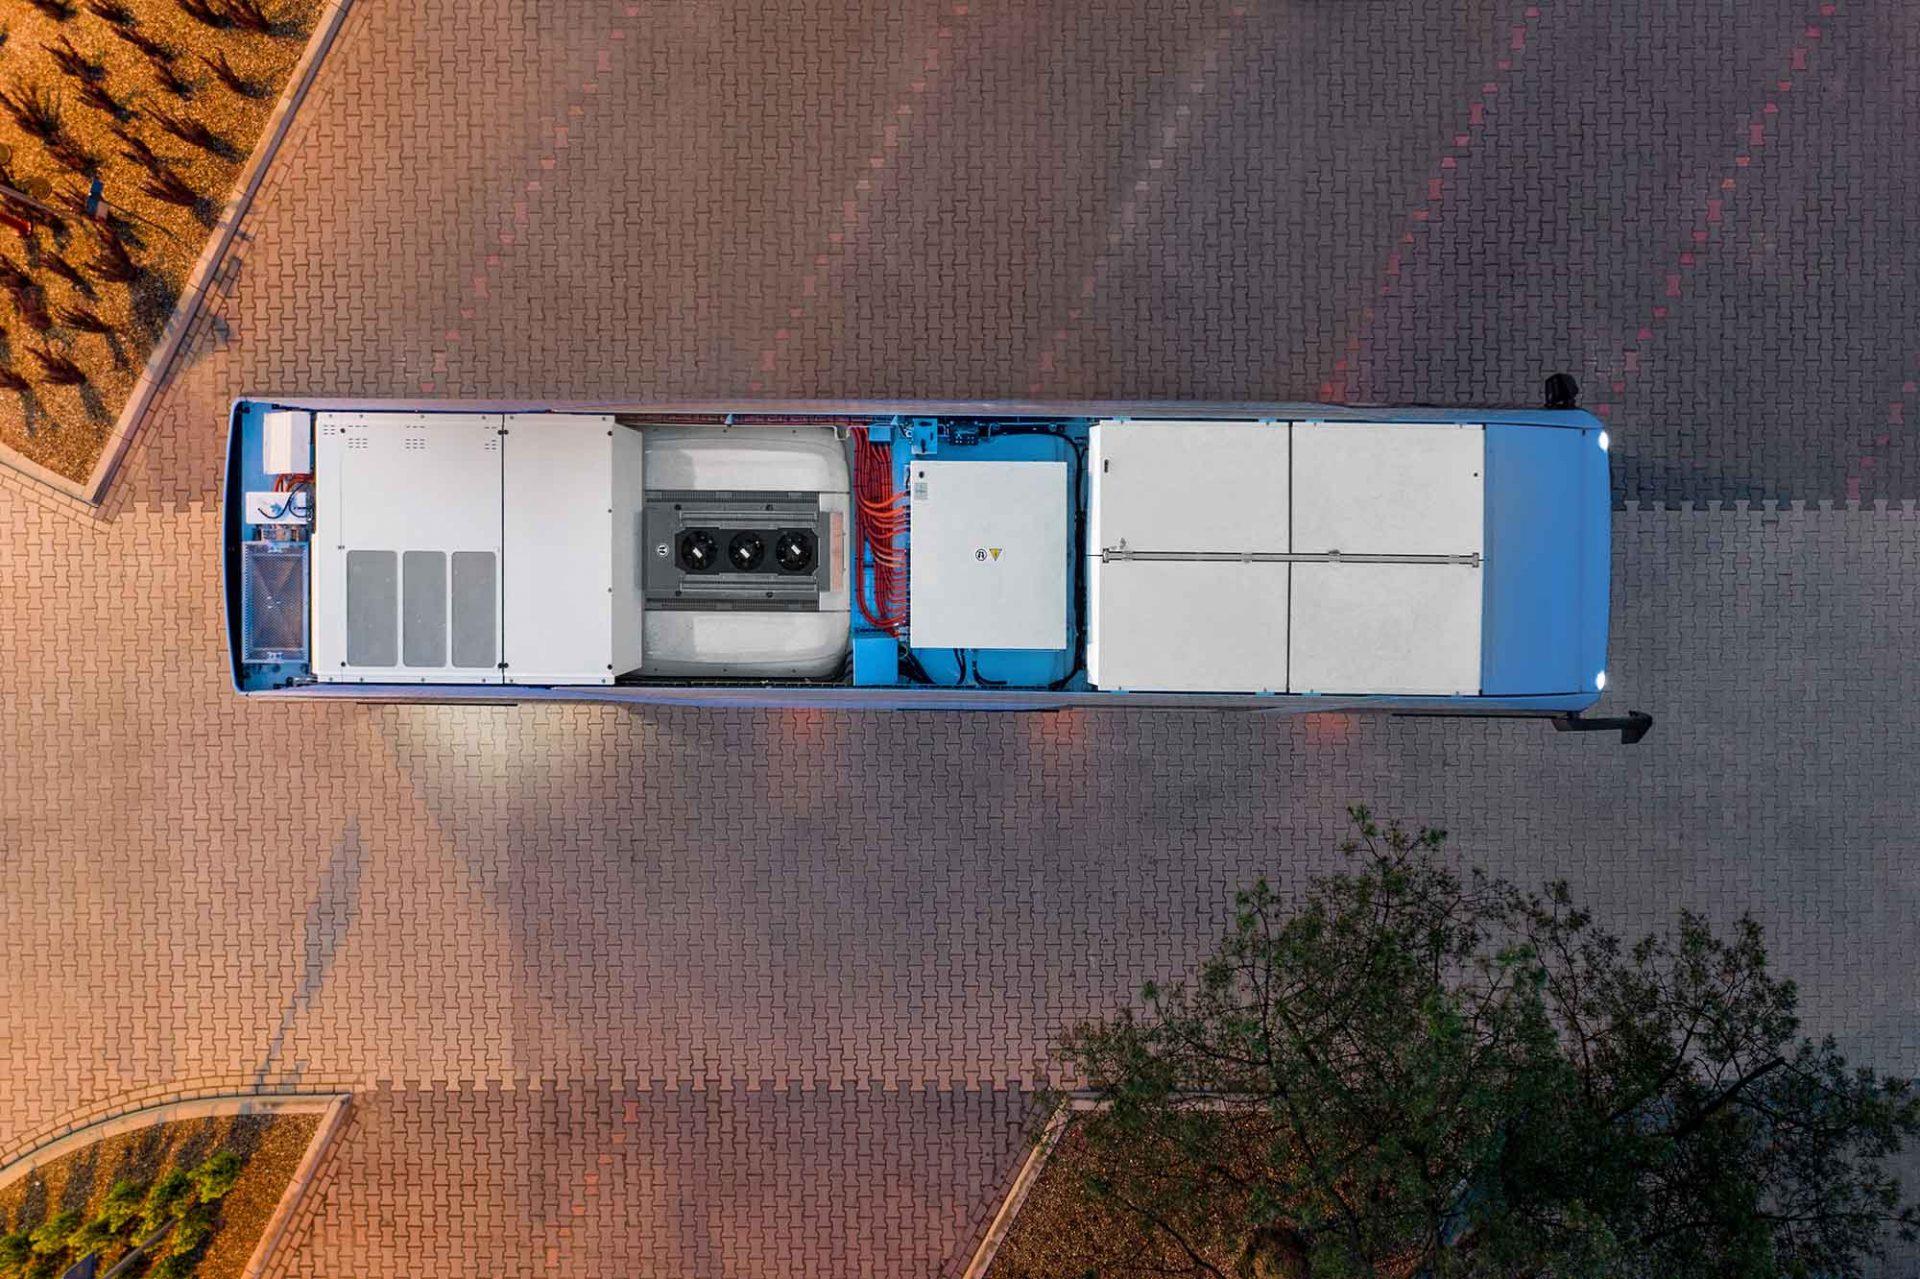 Postbus AG, Wasserstoffbusse von Solaris